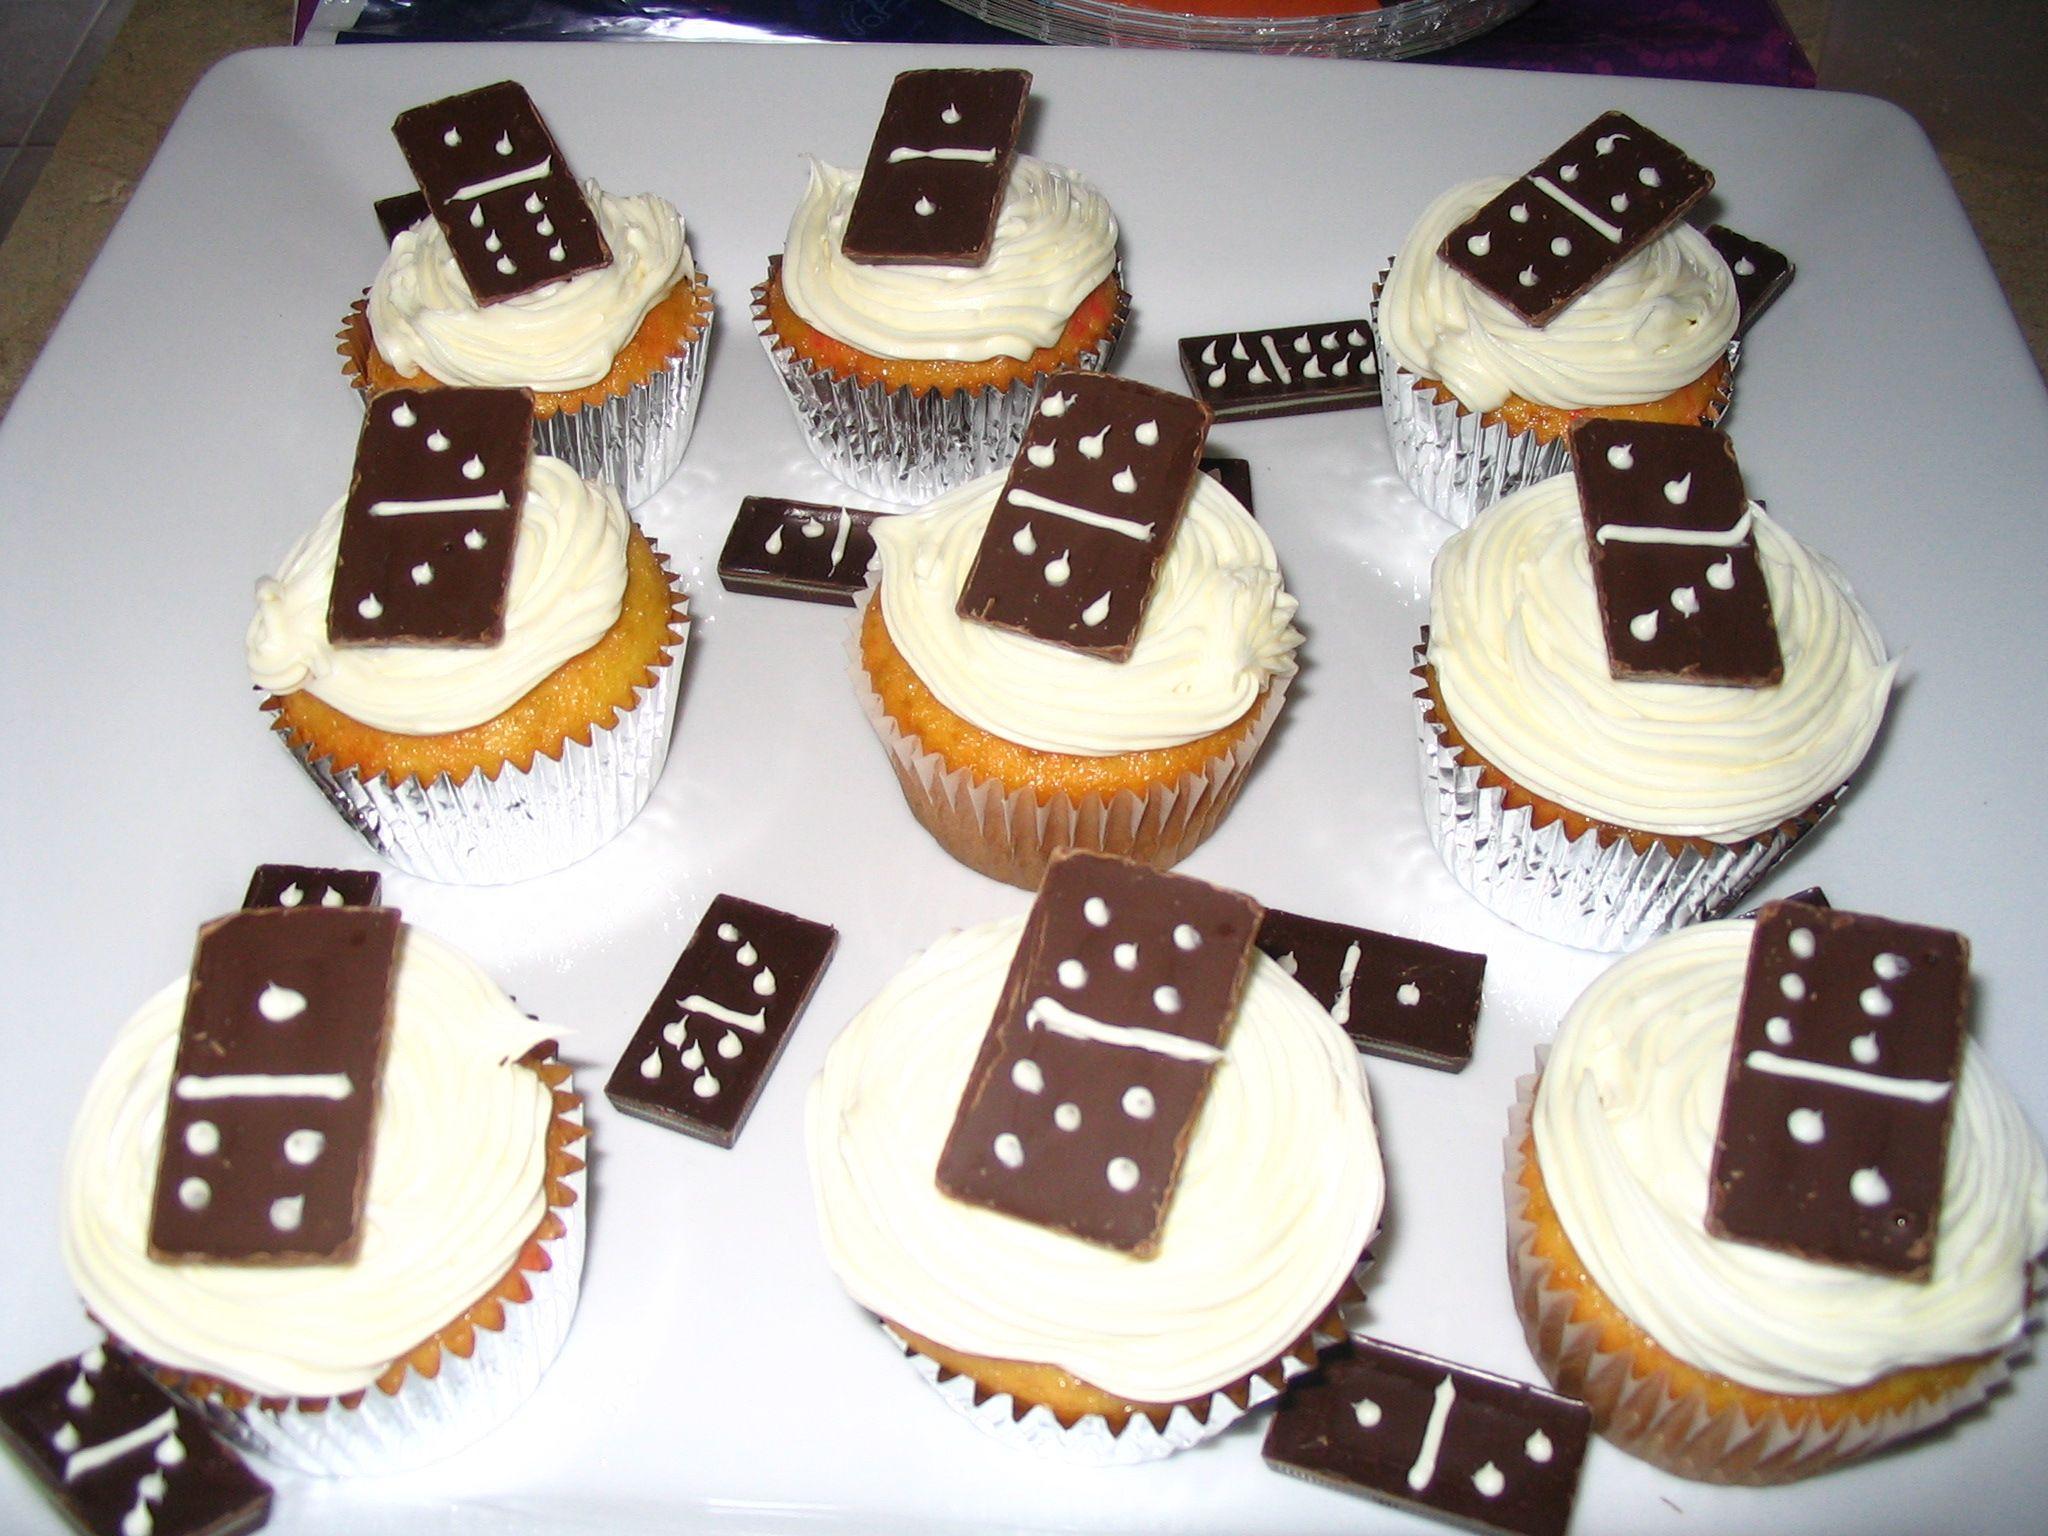 Game Night Domino Cupcakes Cupcake Cakes Cake Decorating